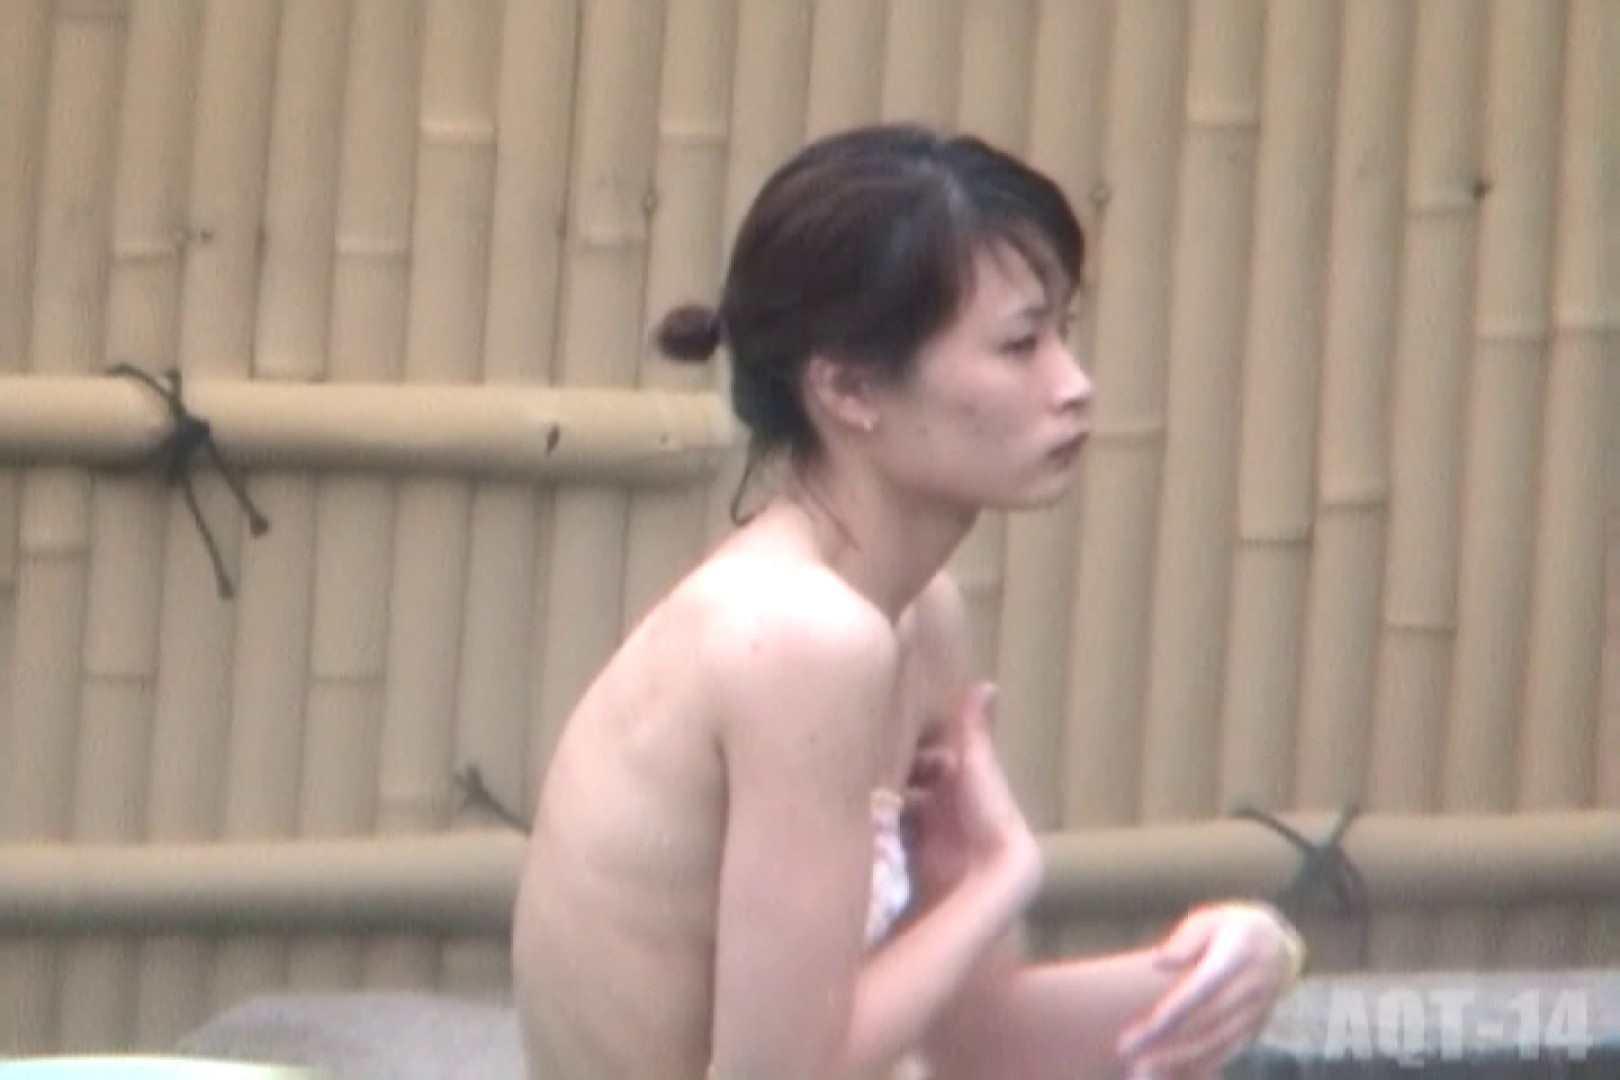 Aquaな露天風呂Vol.822 OLのエロ生活  62連発 33